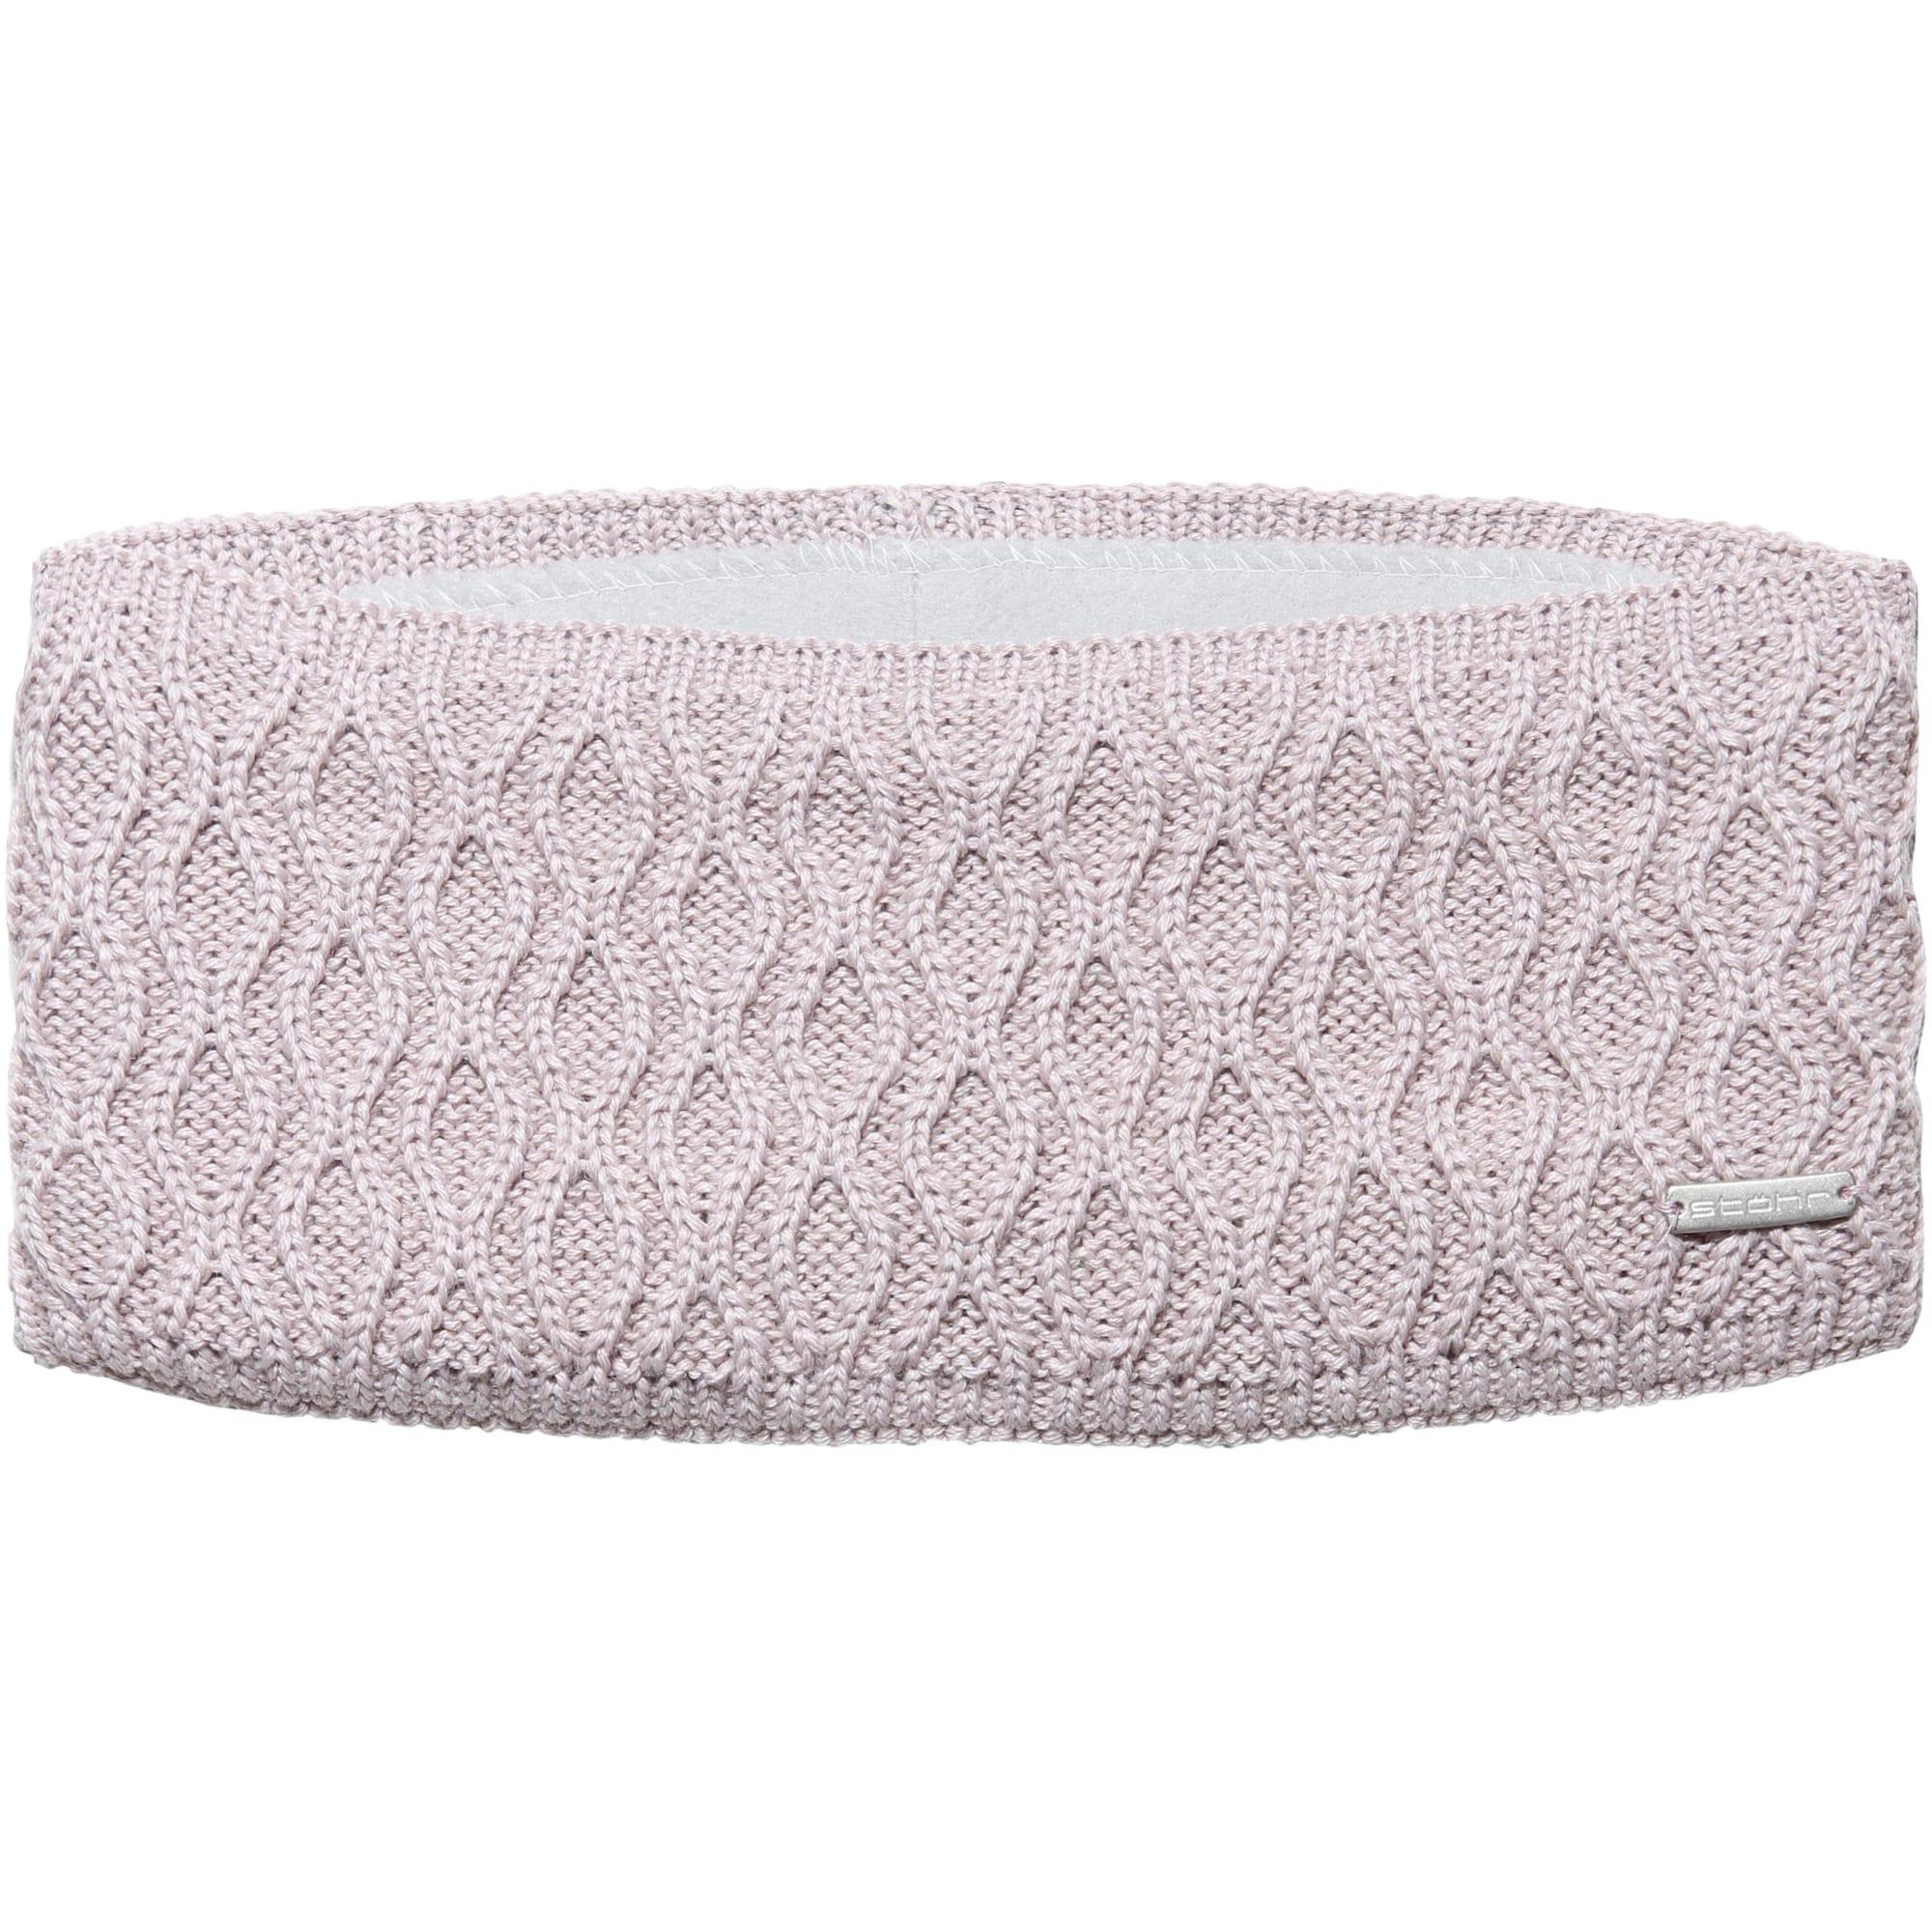 Stirnband 'Trina' | Accessoires > Mützen > Stirnbänder | STÖHR